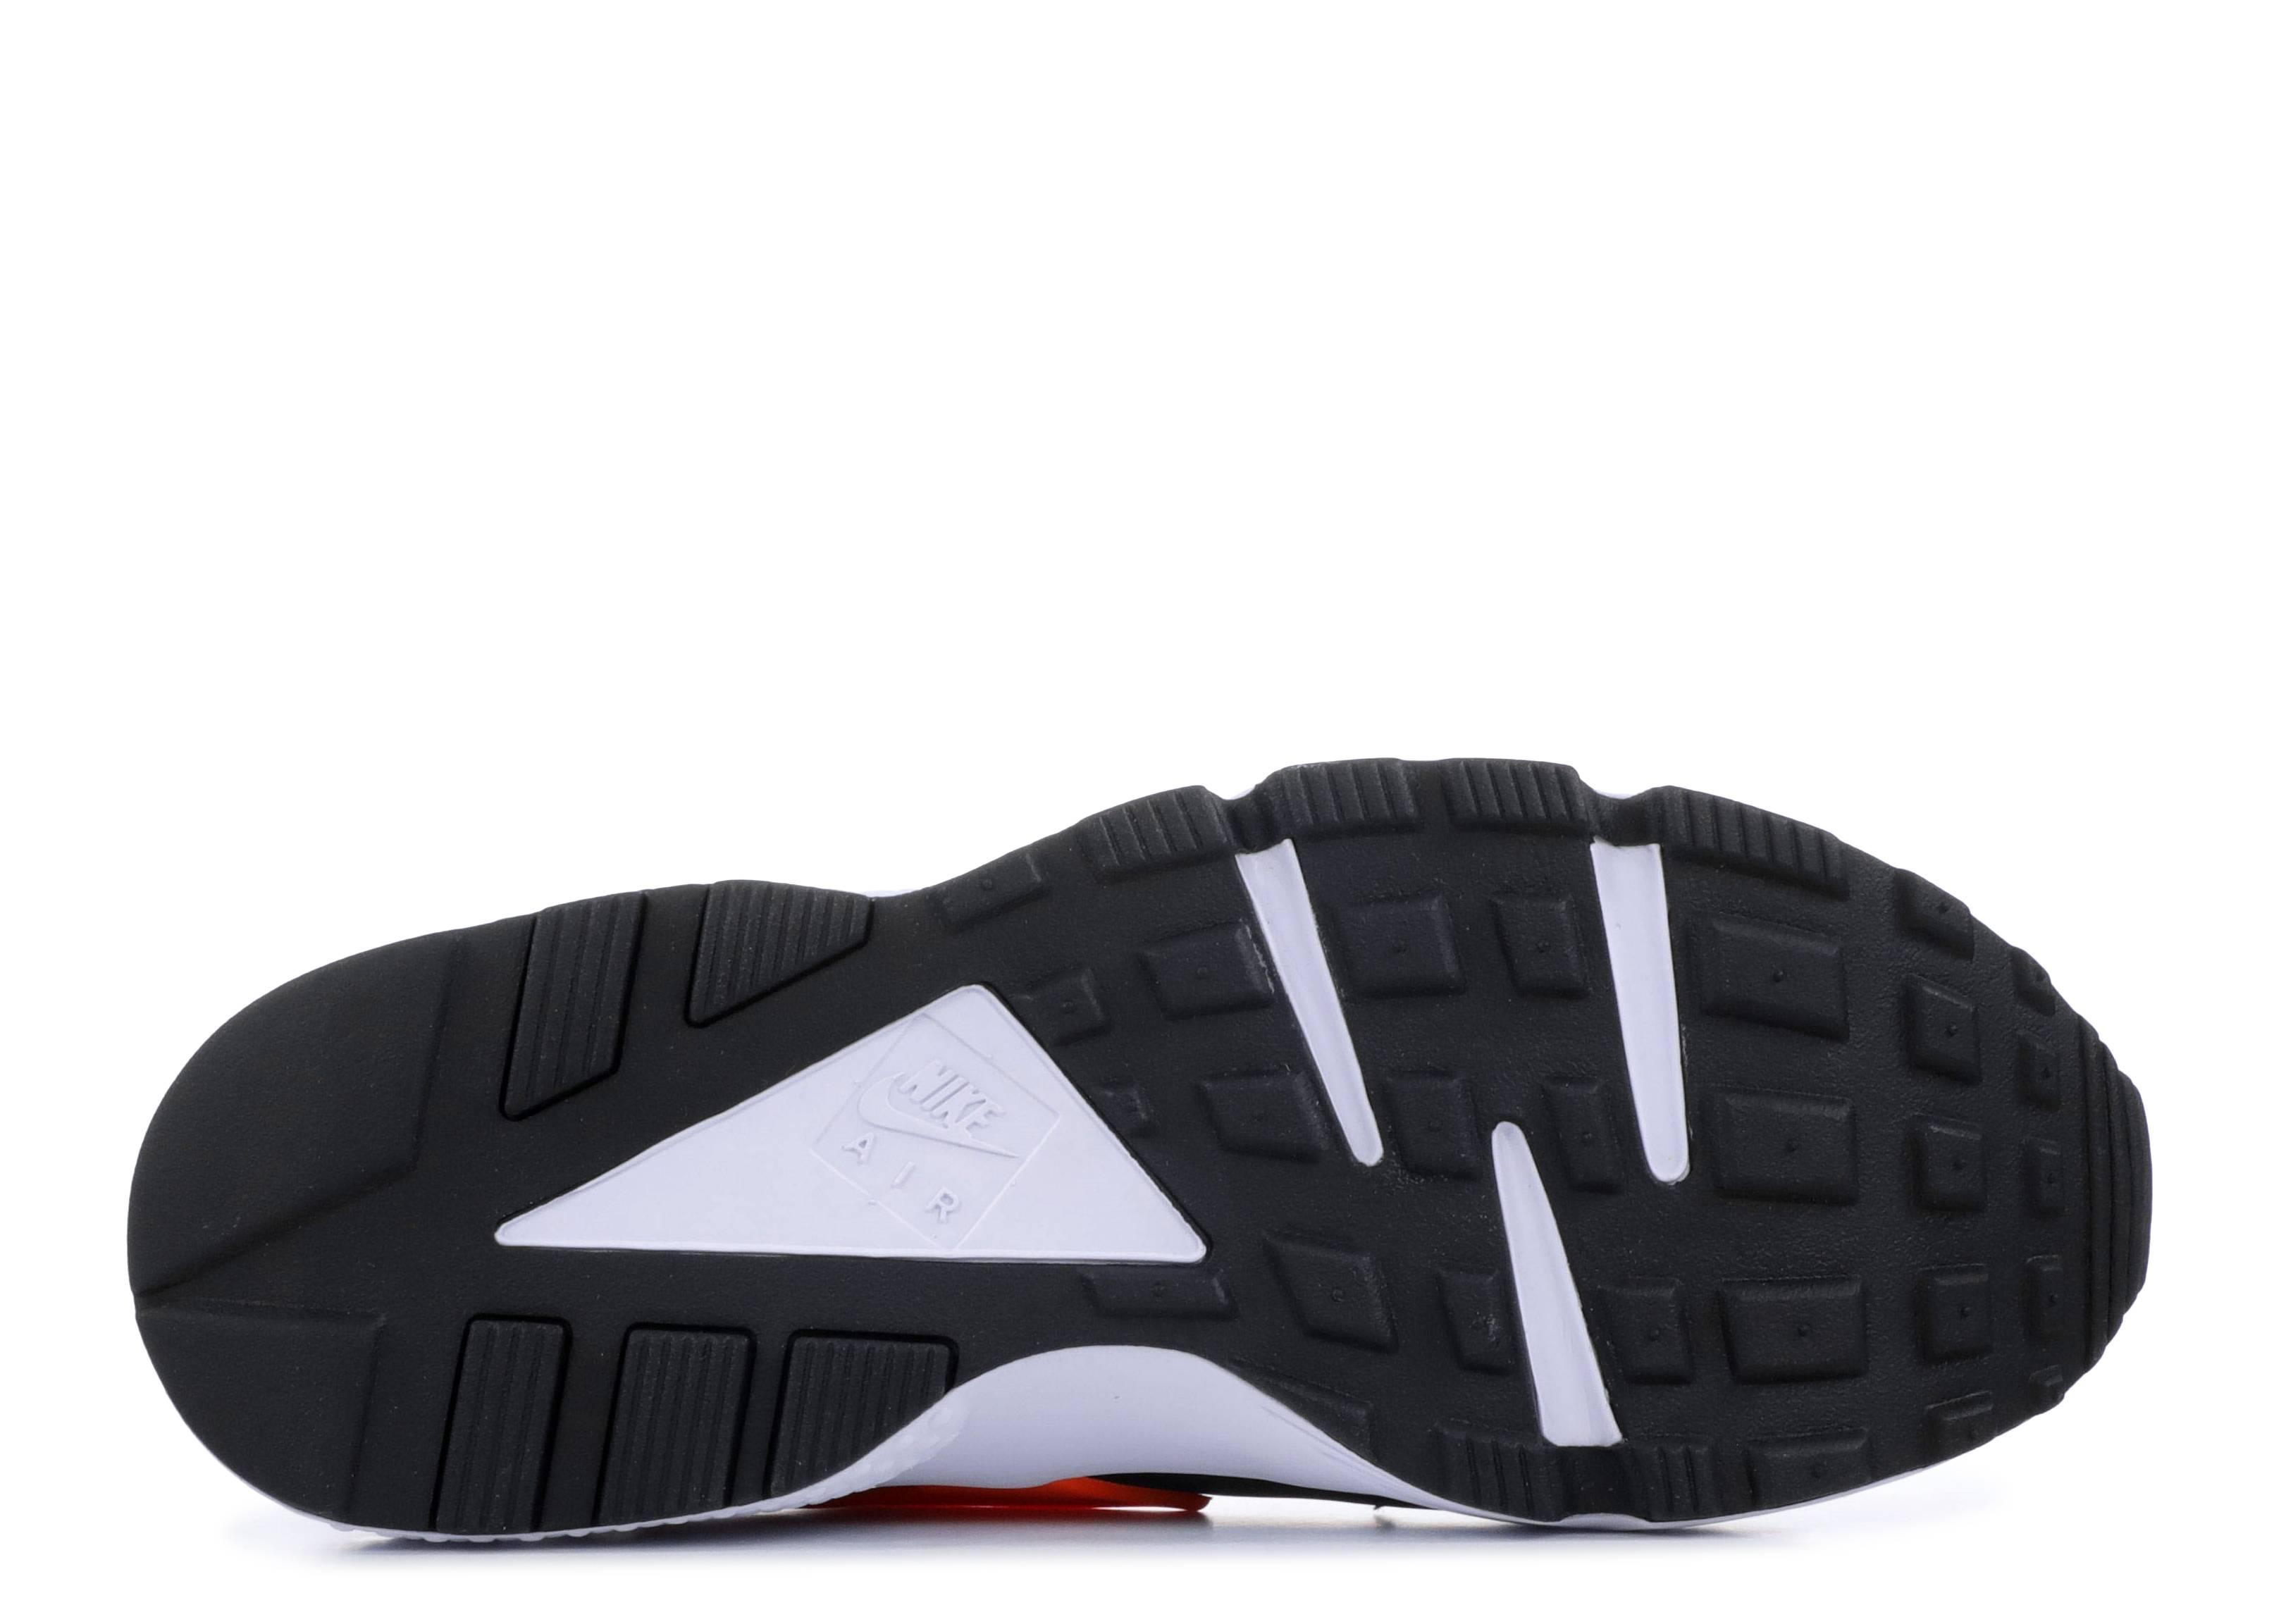 db679a138a1ca Nike Air Huarache Run